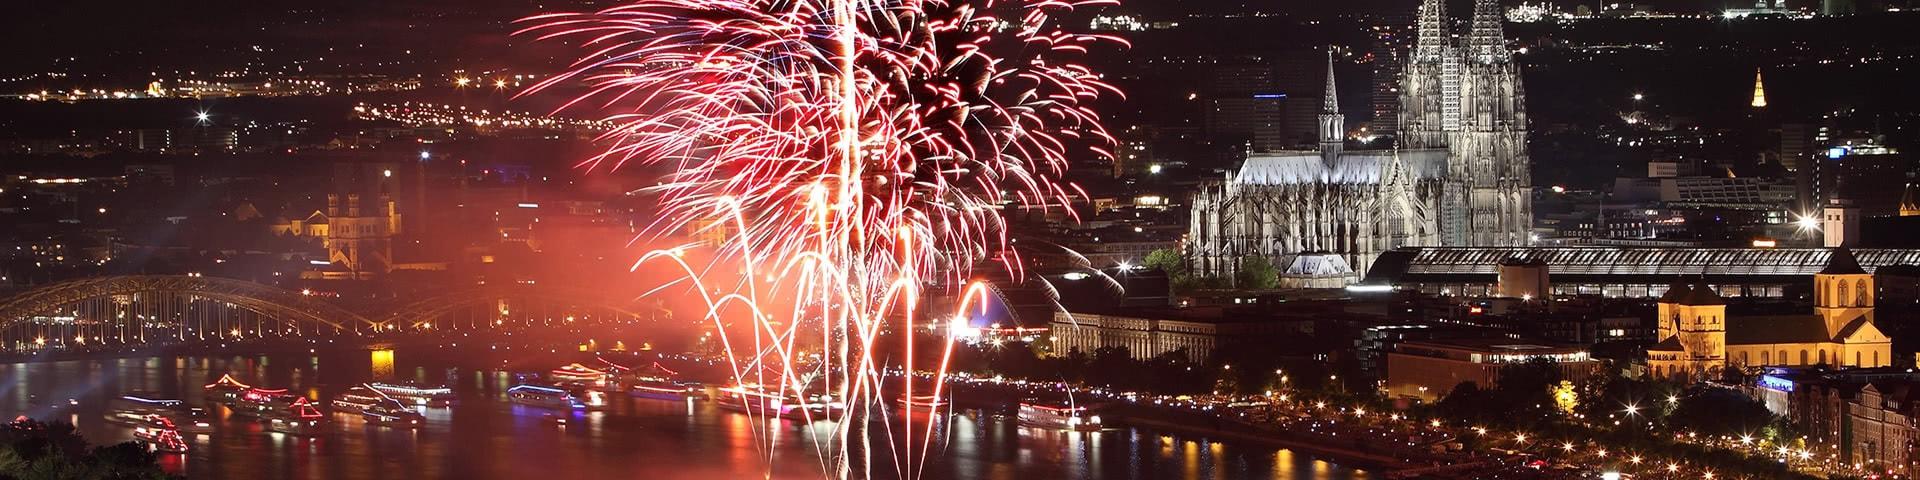 Feuerwerk auf dem Rhein bei den Kölner Lichtern